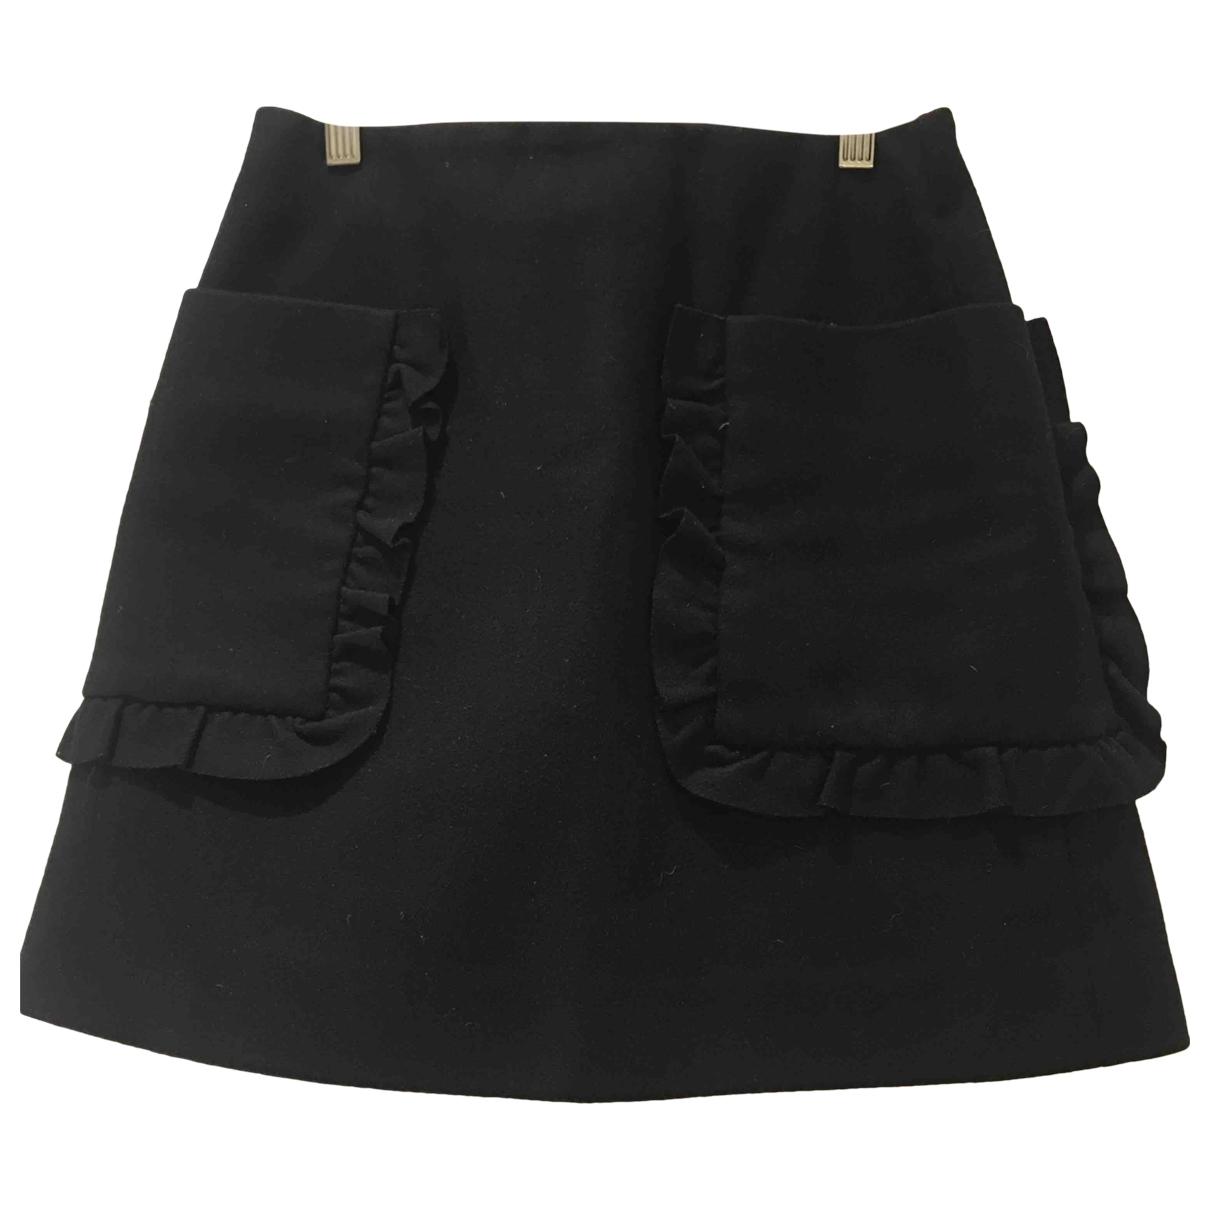 Cos \N Black Wool skirt for Women 36 FR